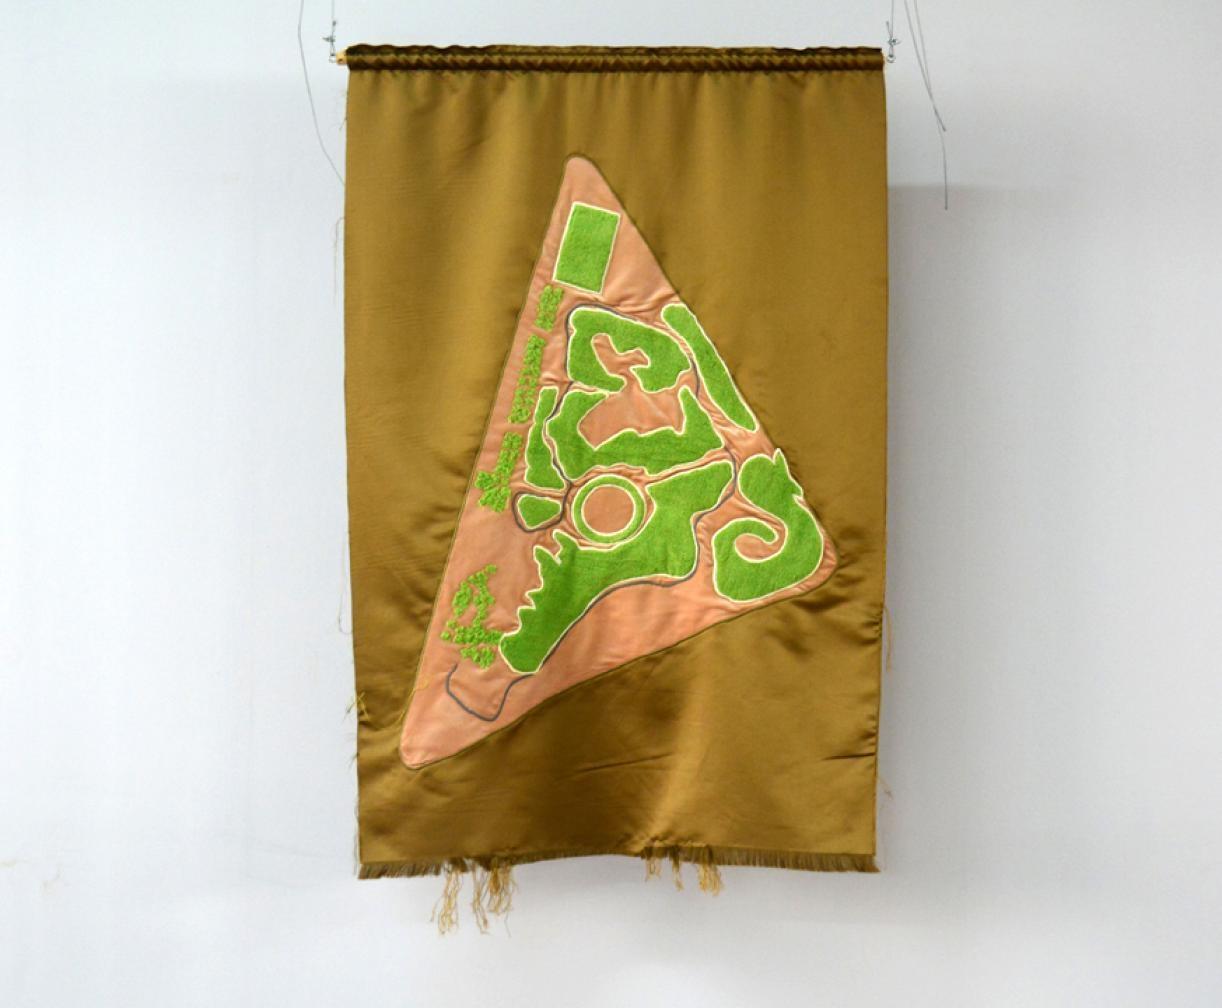 Blazon: Parc, Horsh Beirut, 2015, Embroidery and applique on textile,127 x 88 cm, Ed. 3 + 2 AP